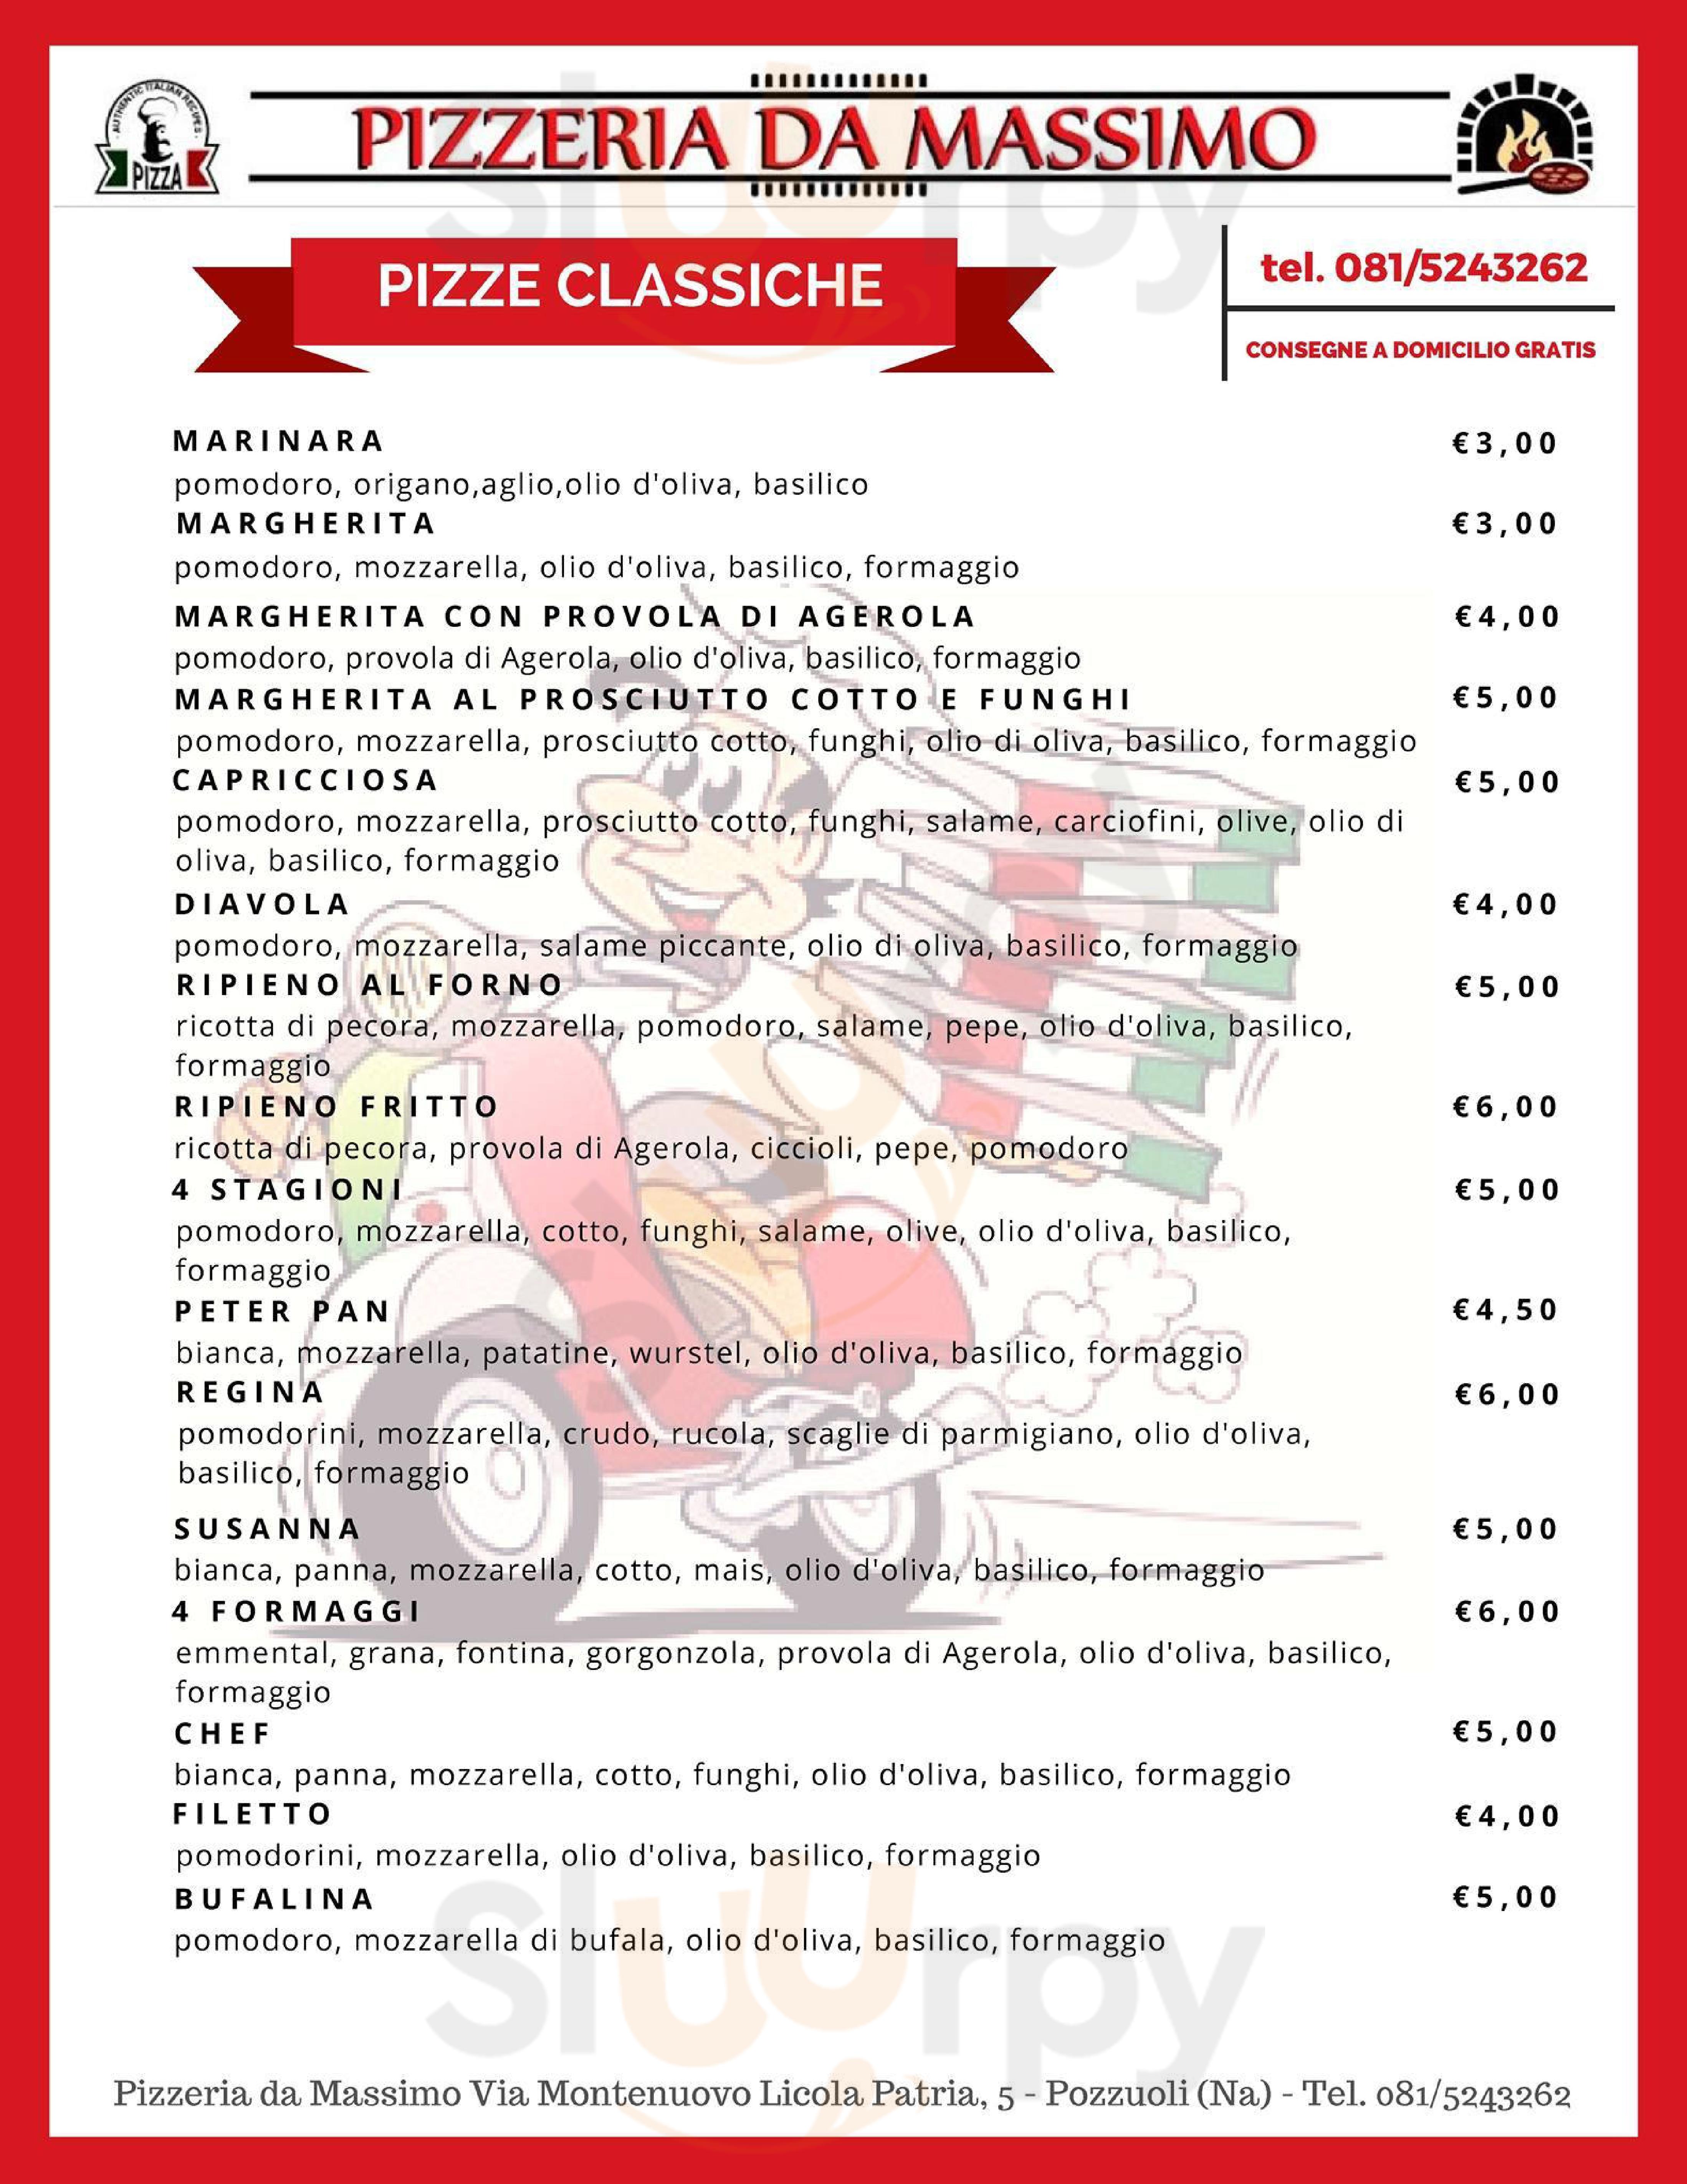 Pizzeria Da Massimo Pozzuoli menù 1 pagina